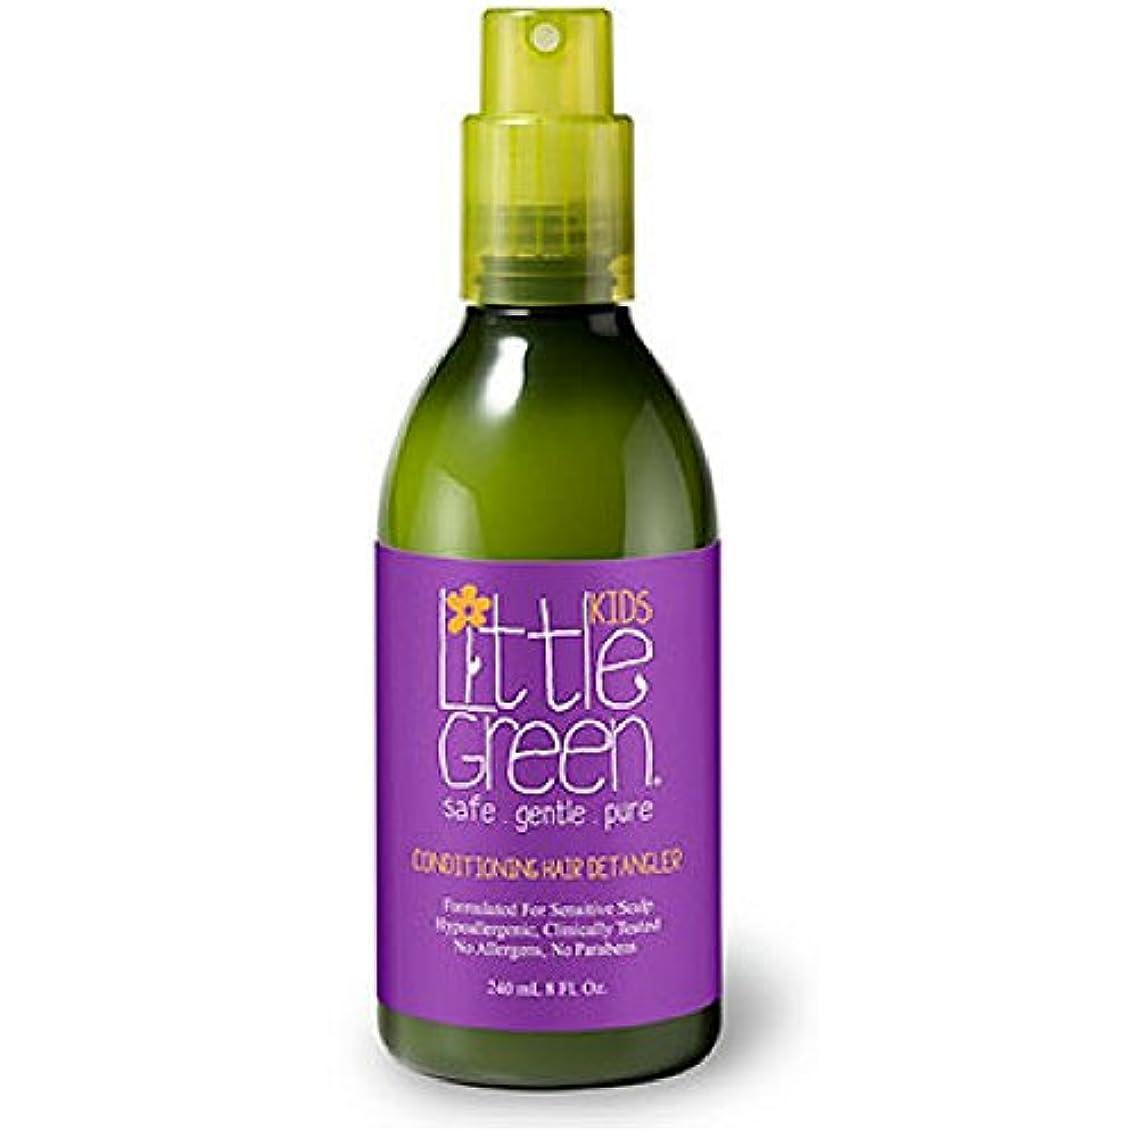 体操お茶タンパク質Little Green キッズコンディショニングDetangler - 子供Detanglerスプレー - 安全かつ非毒性 - 低刺激性 - - パラベンやグルテンフリー - ウェットまたはドライの髪に使用し臨床的に子供...